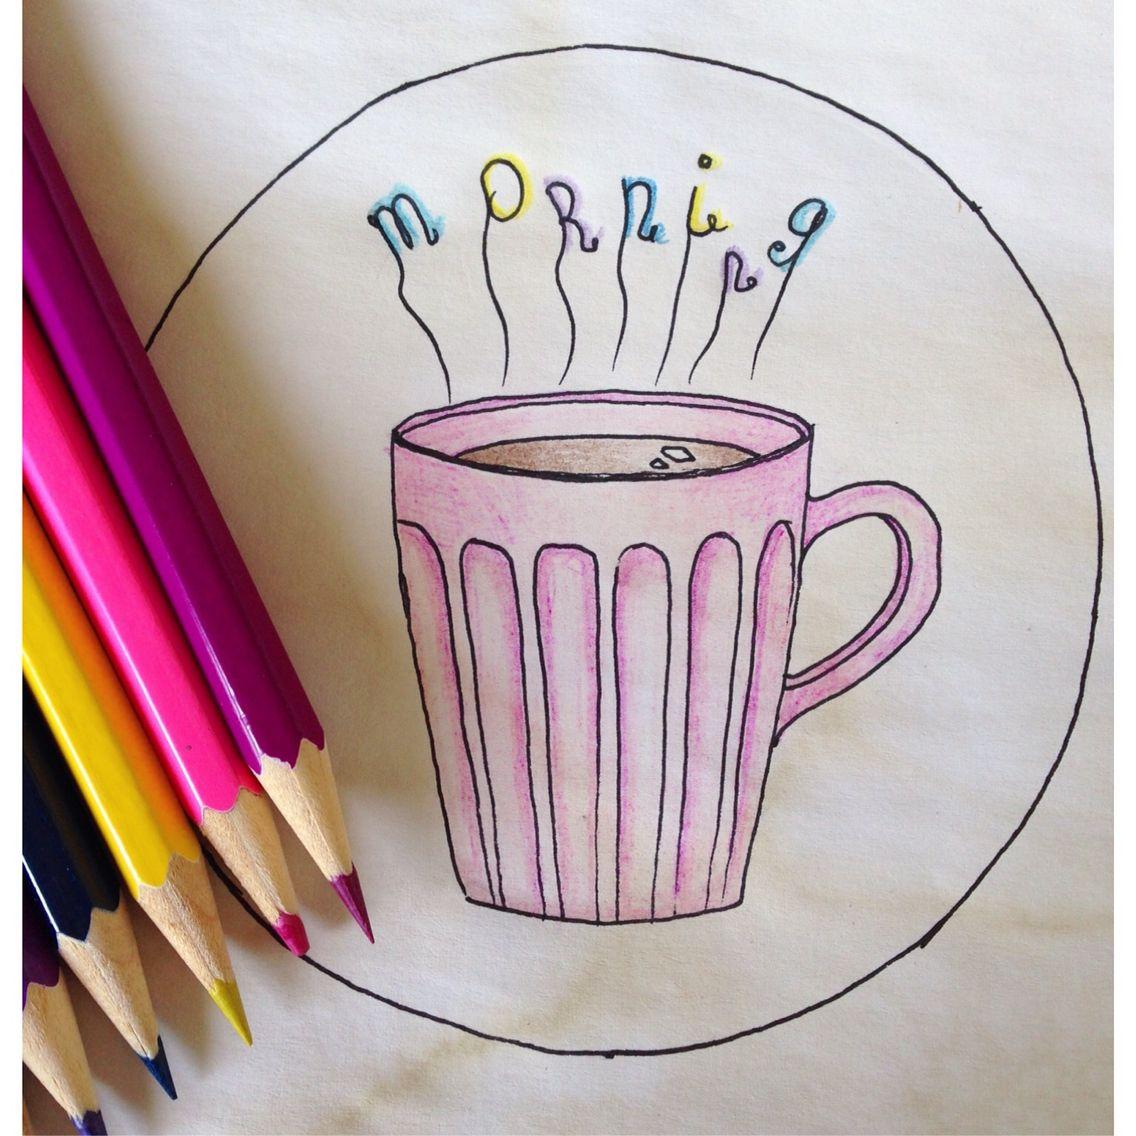 Прикольные рисунки карандашом для скетчбука, выздоровление молитва открыткой